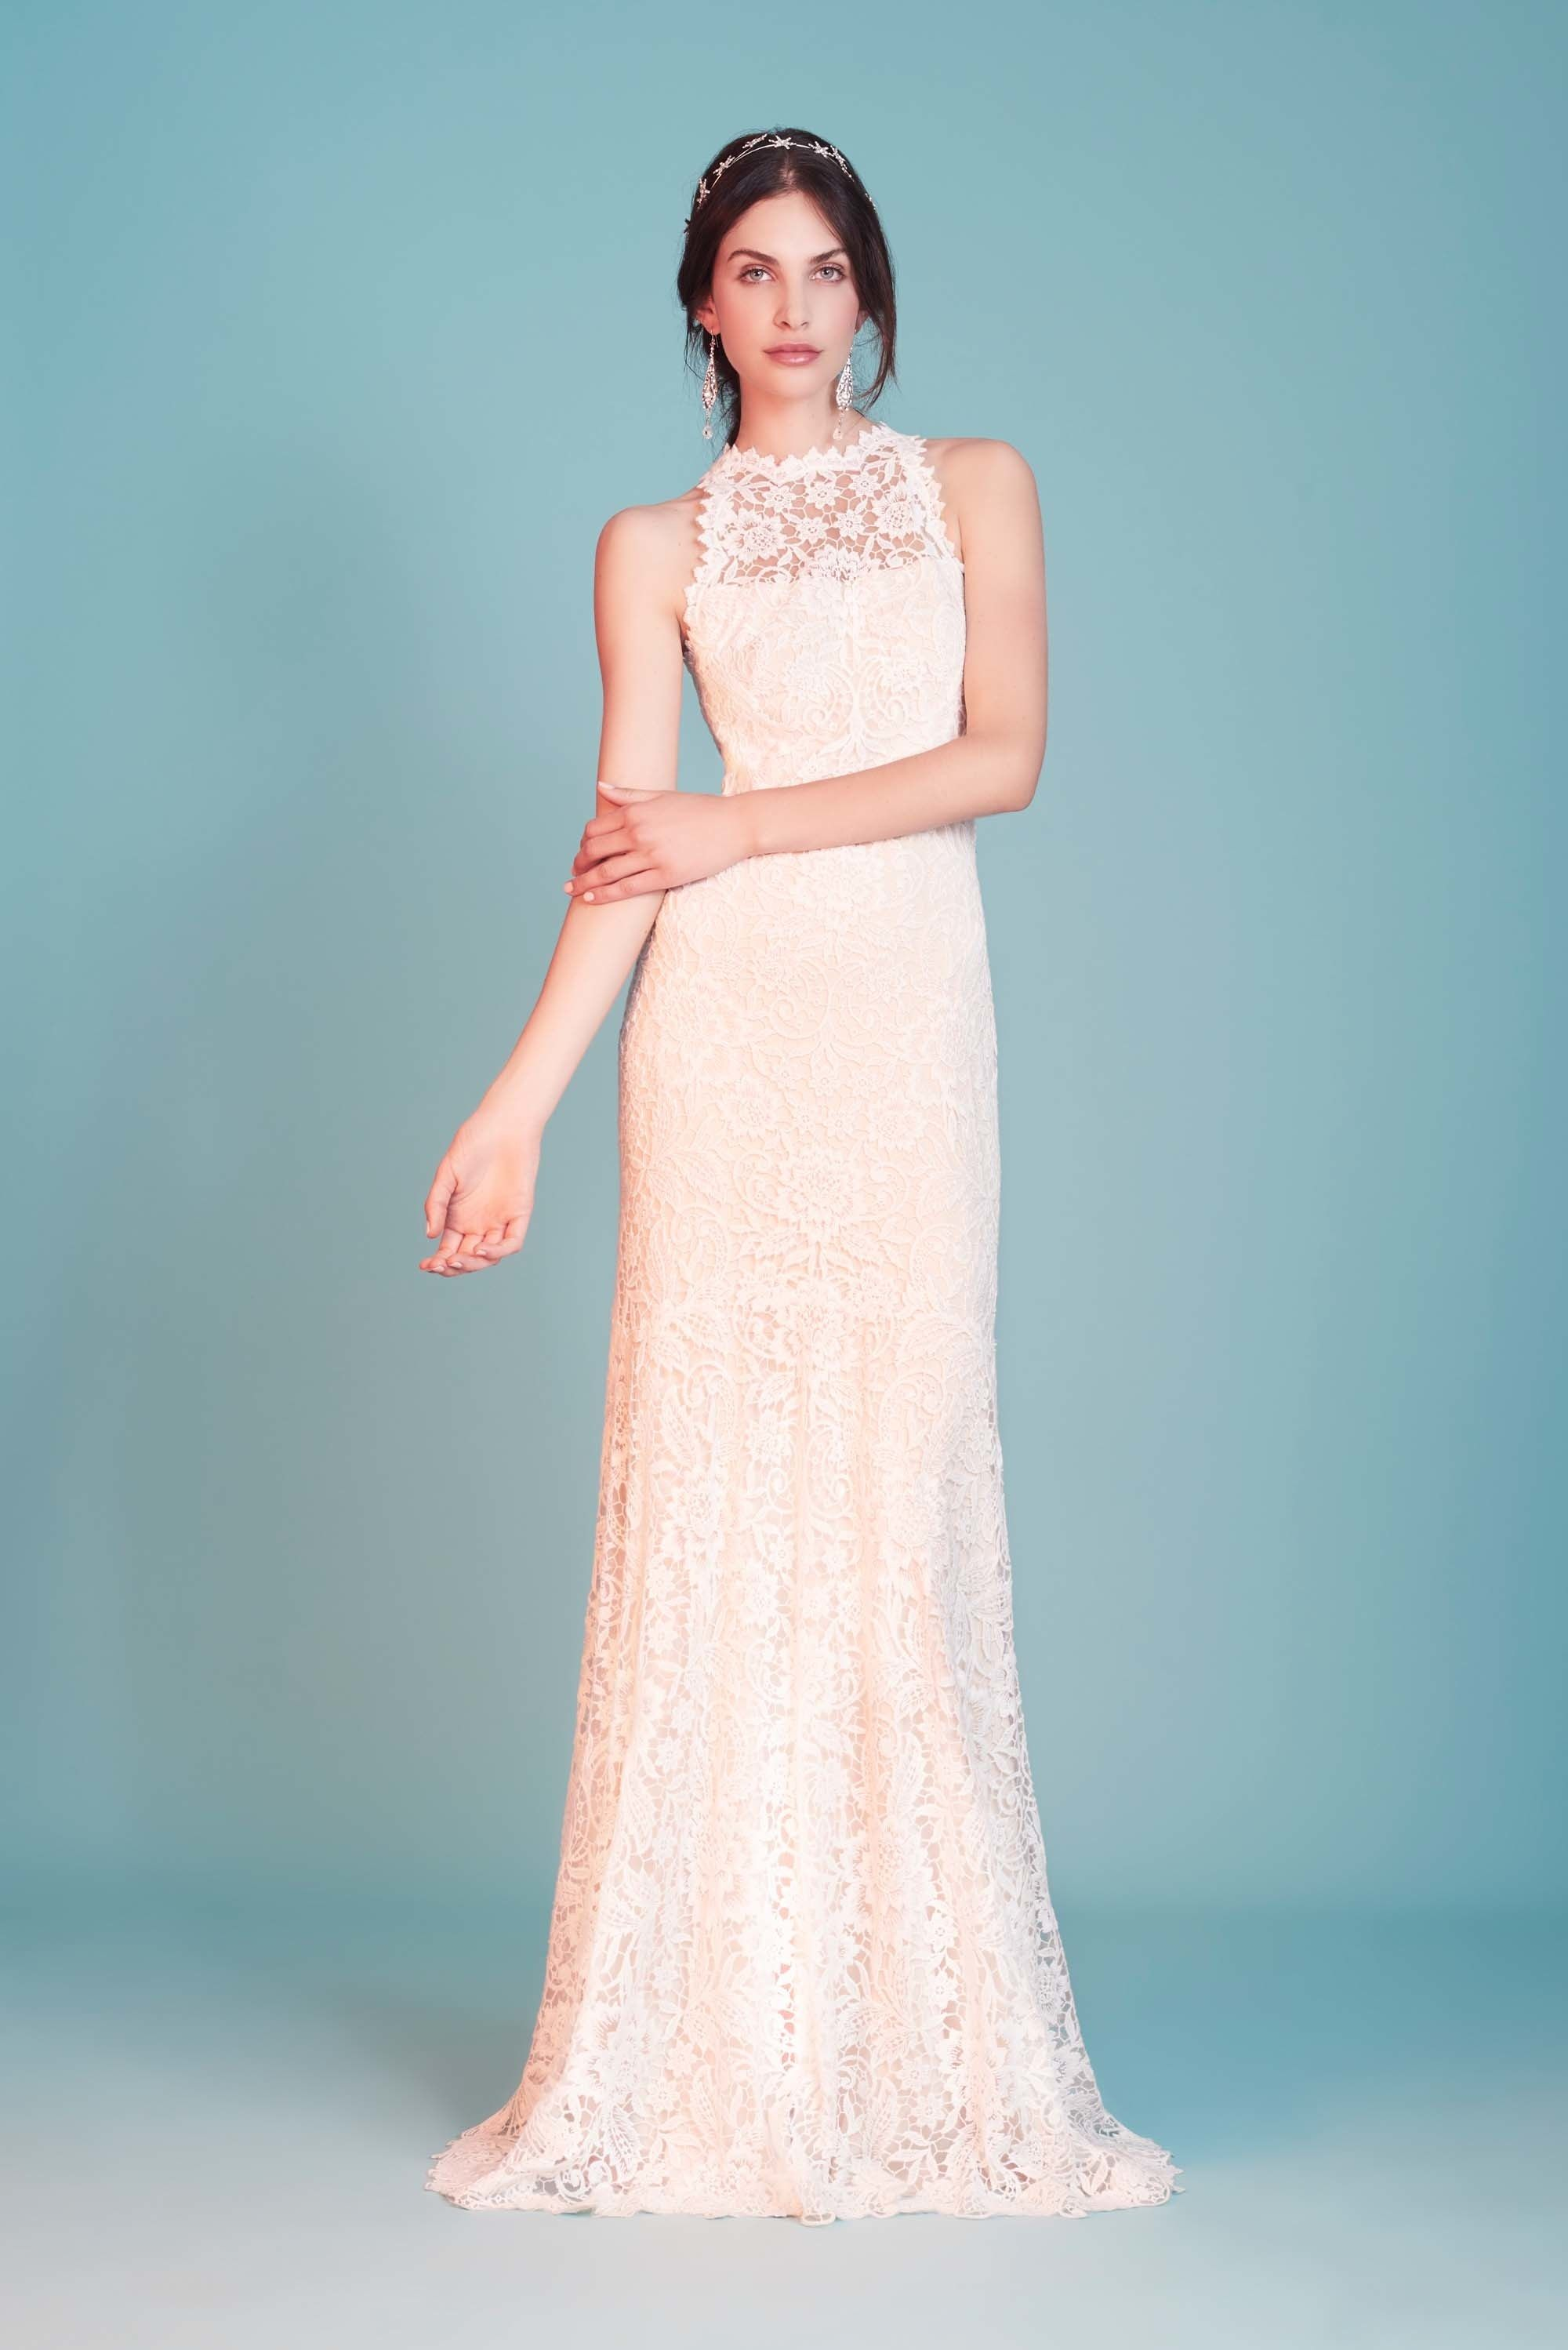 Tadashi Shoji Bridal Spring 2018 Fashion Show   Novios